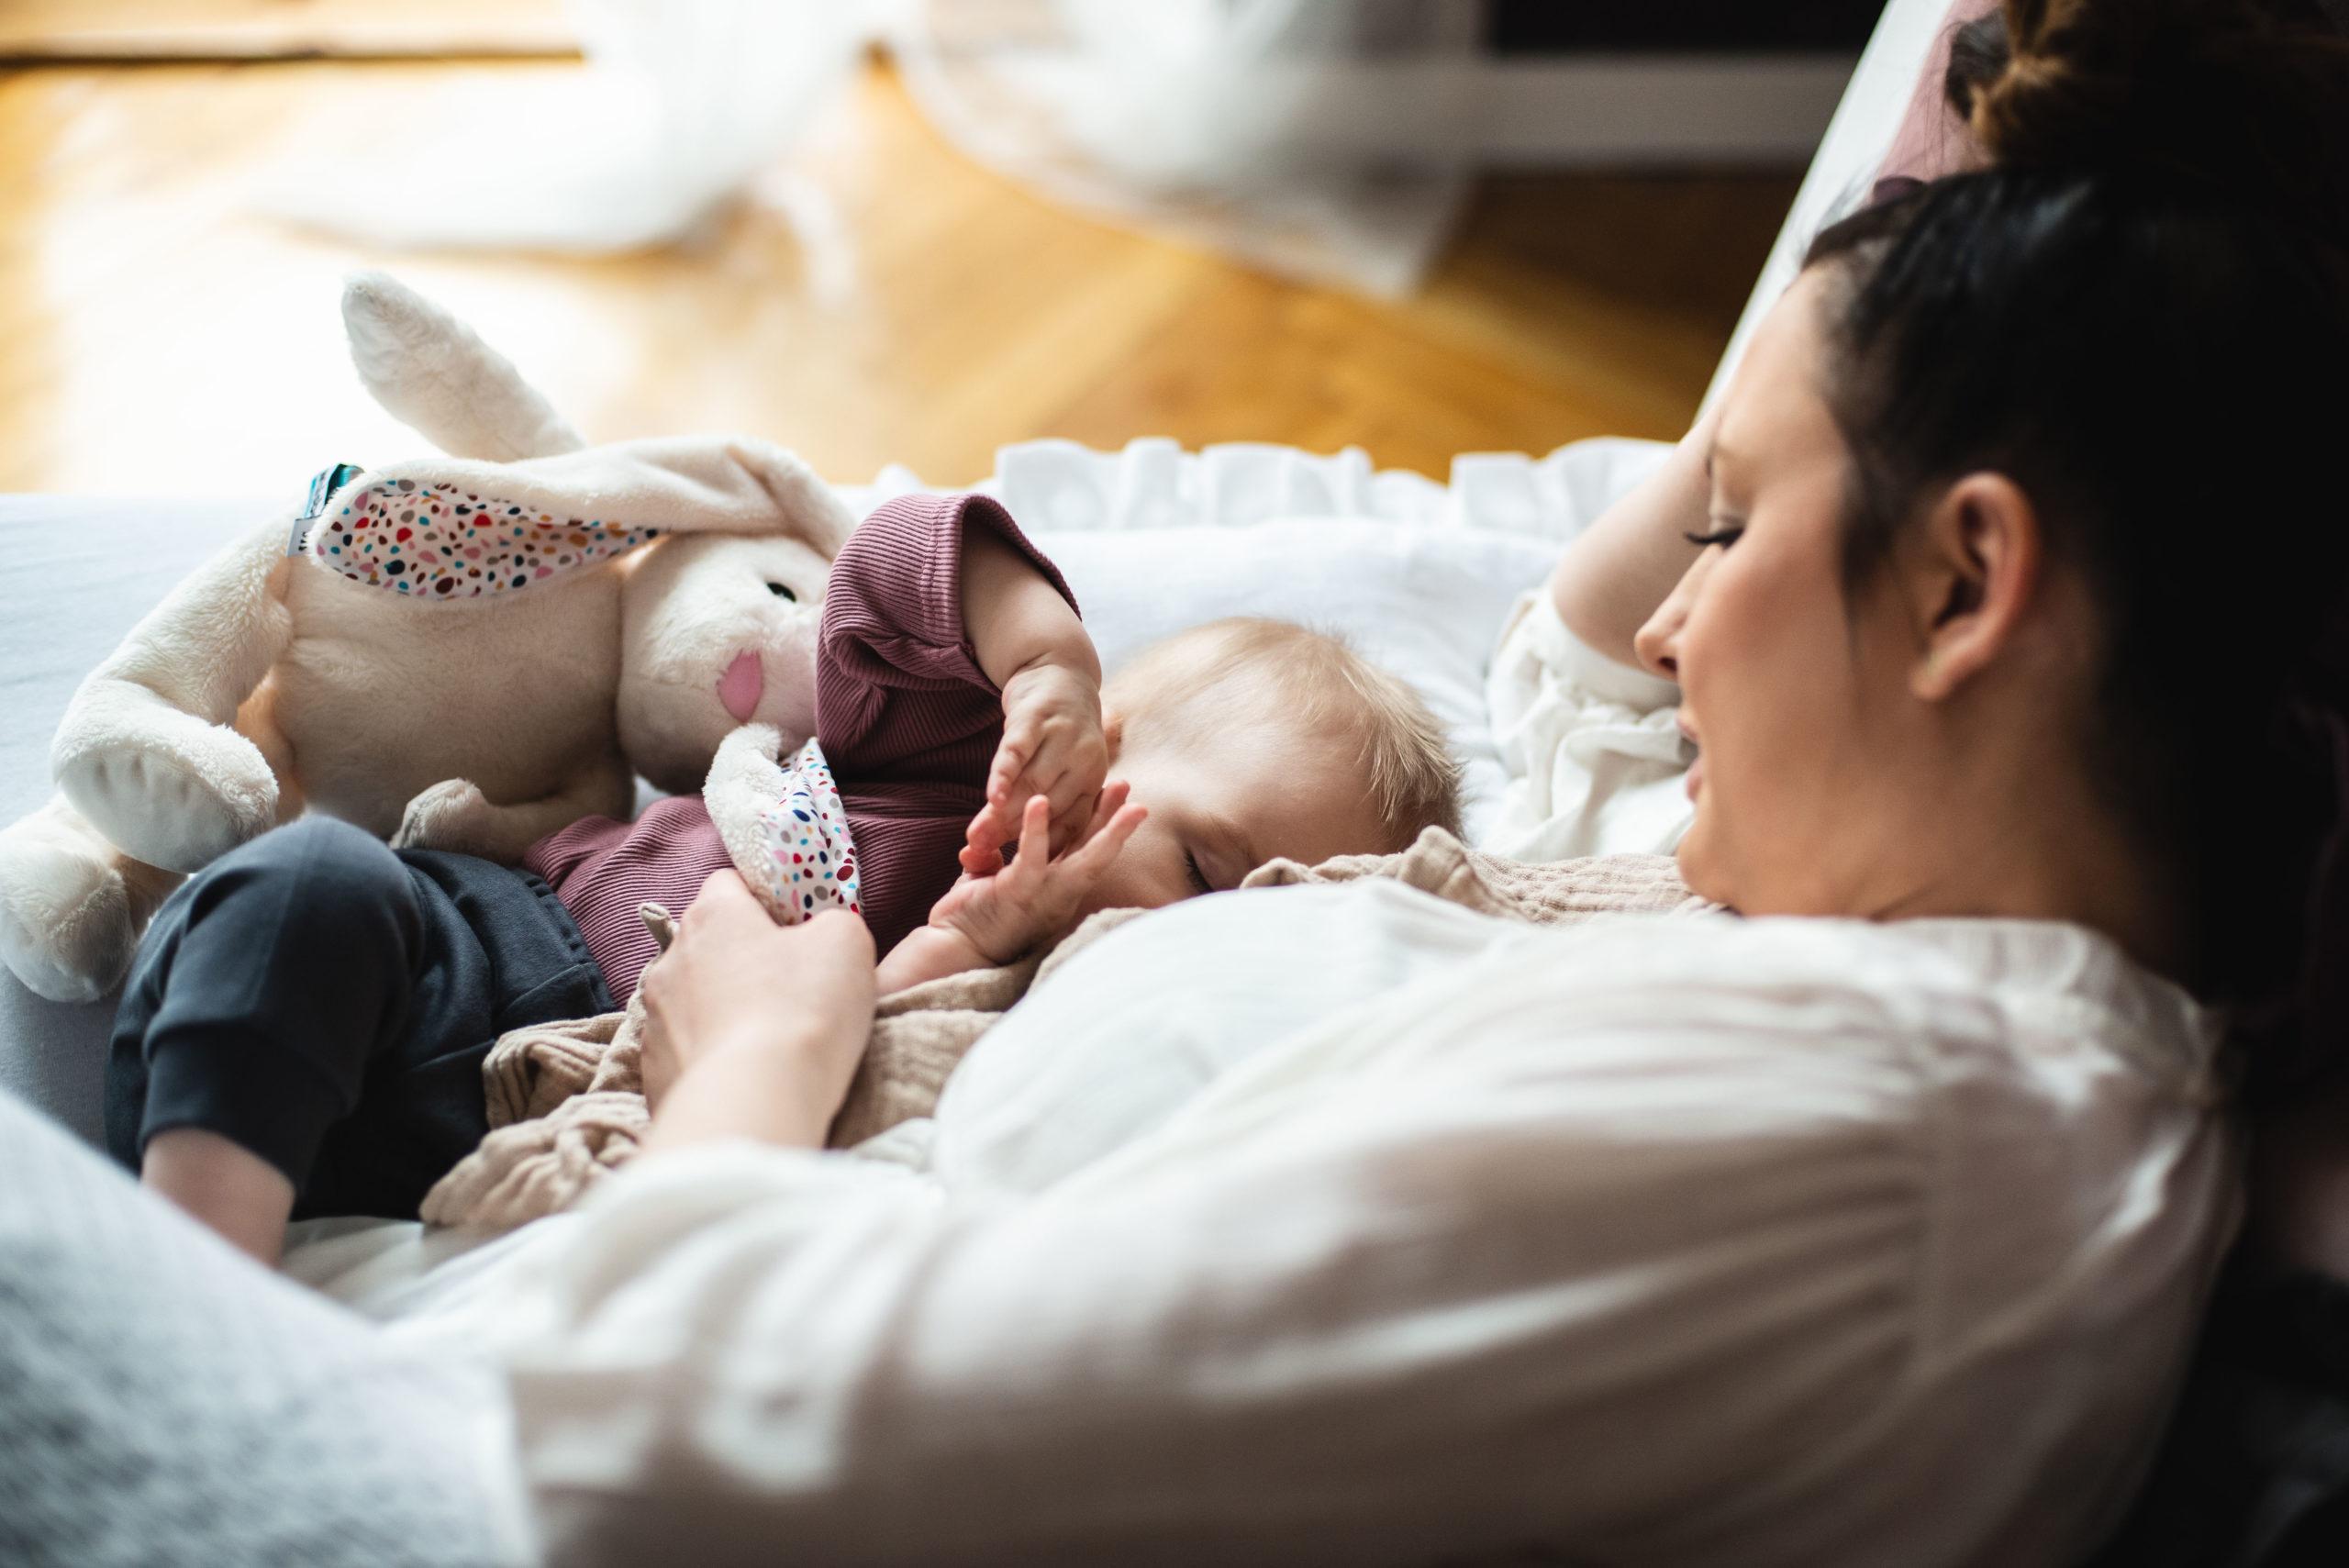 Dlaczego niemowlę ulewa? Cofanie się treści pokarmowej